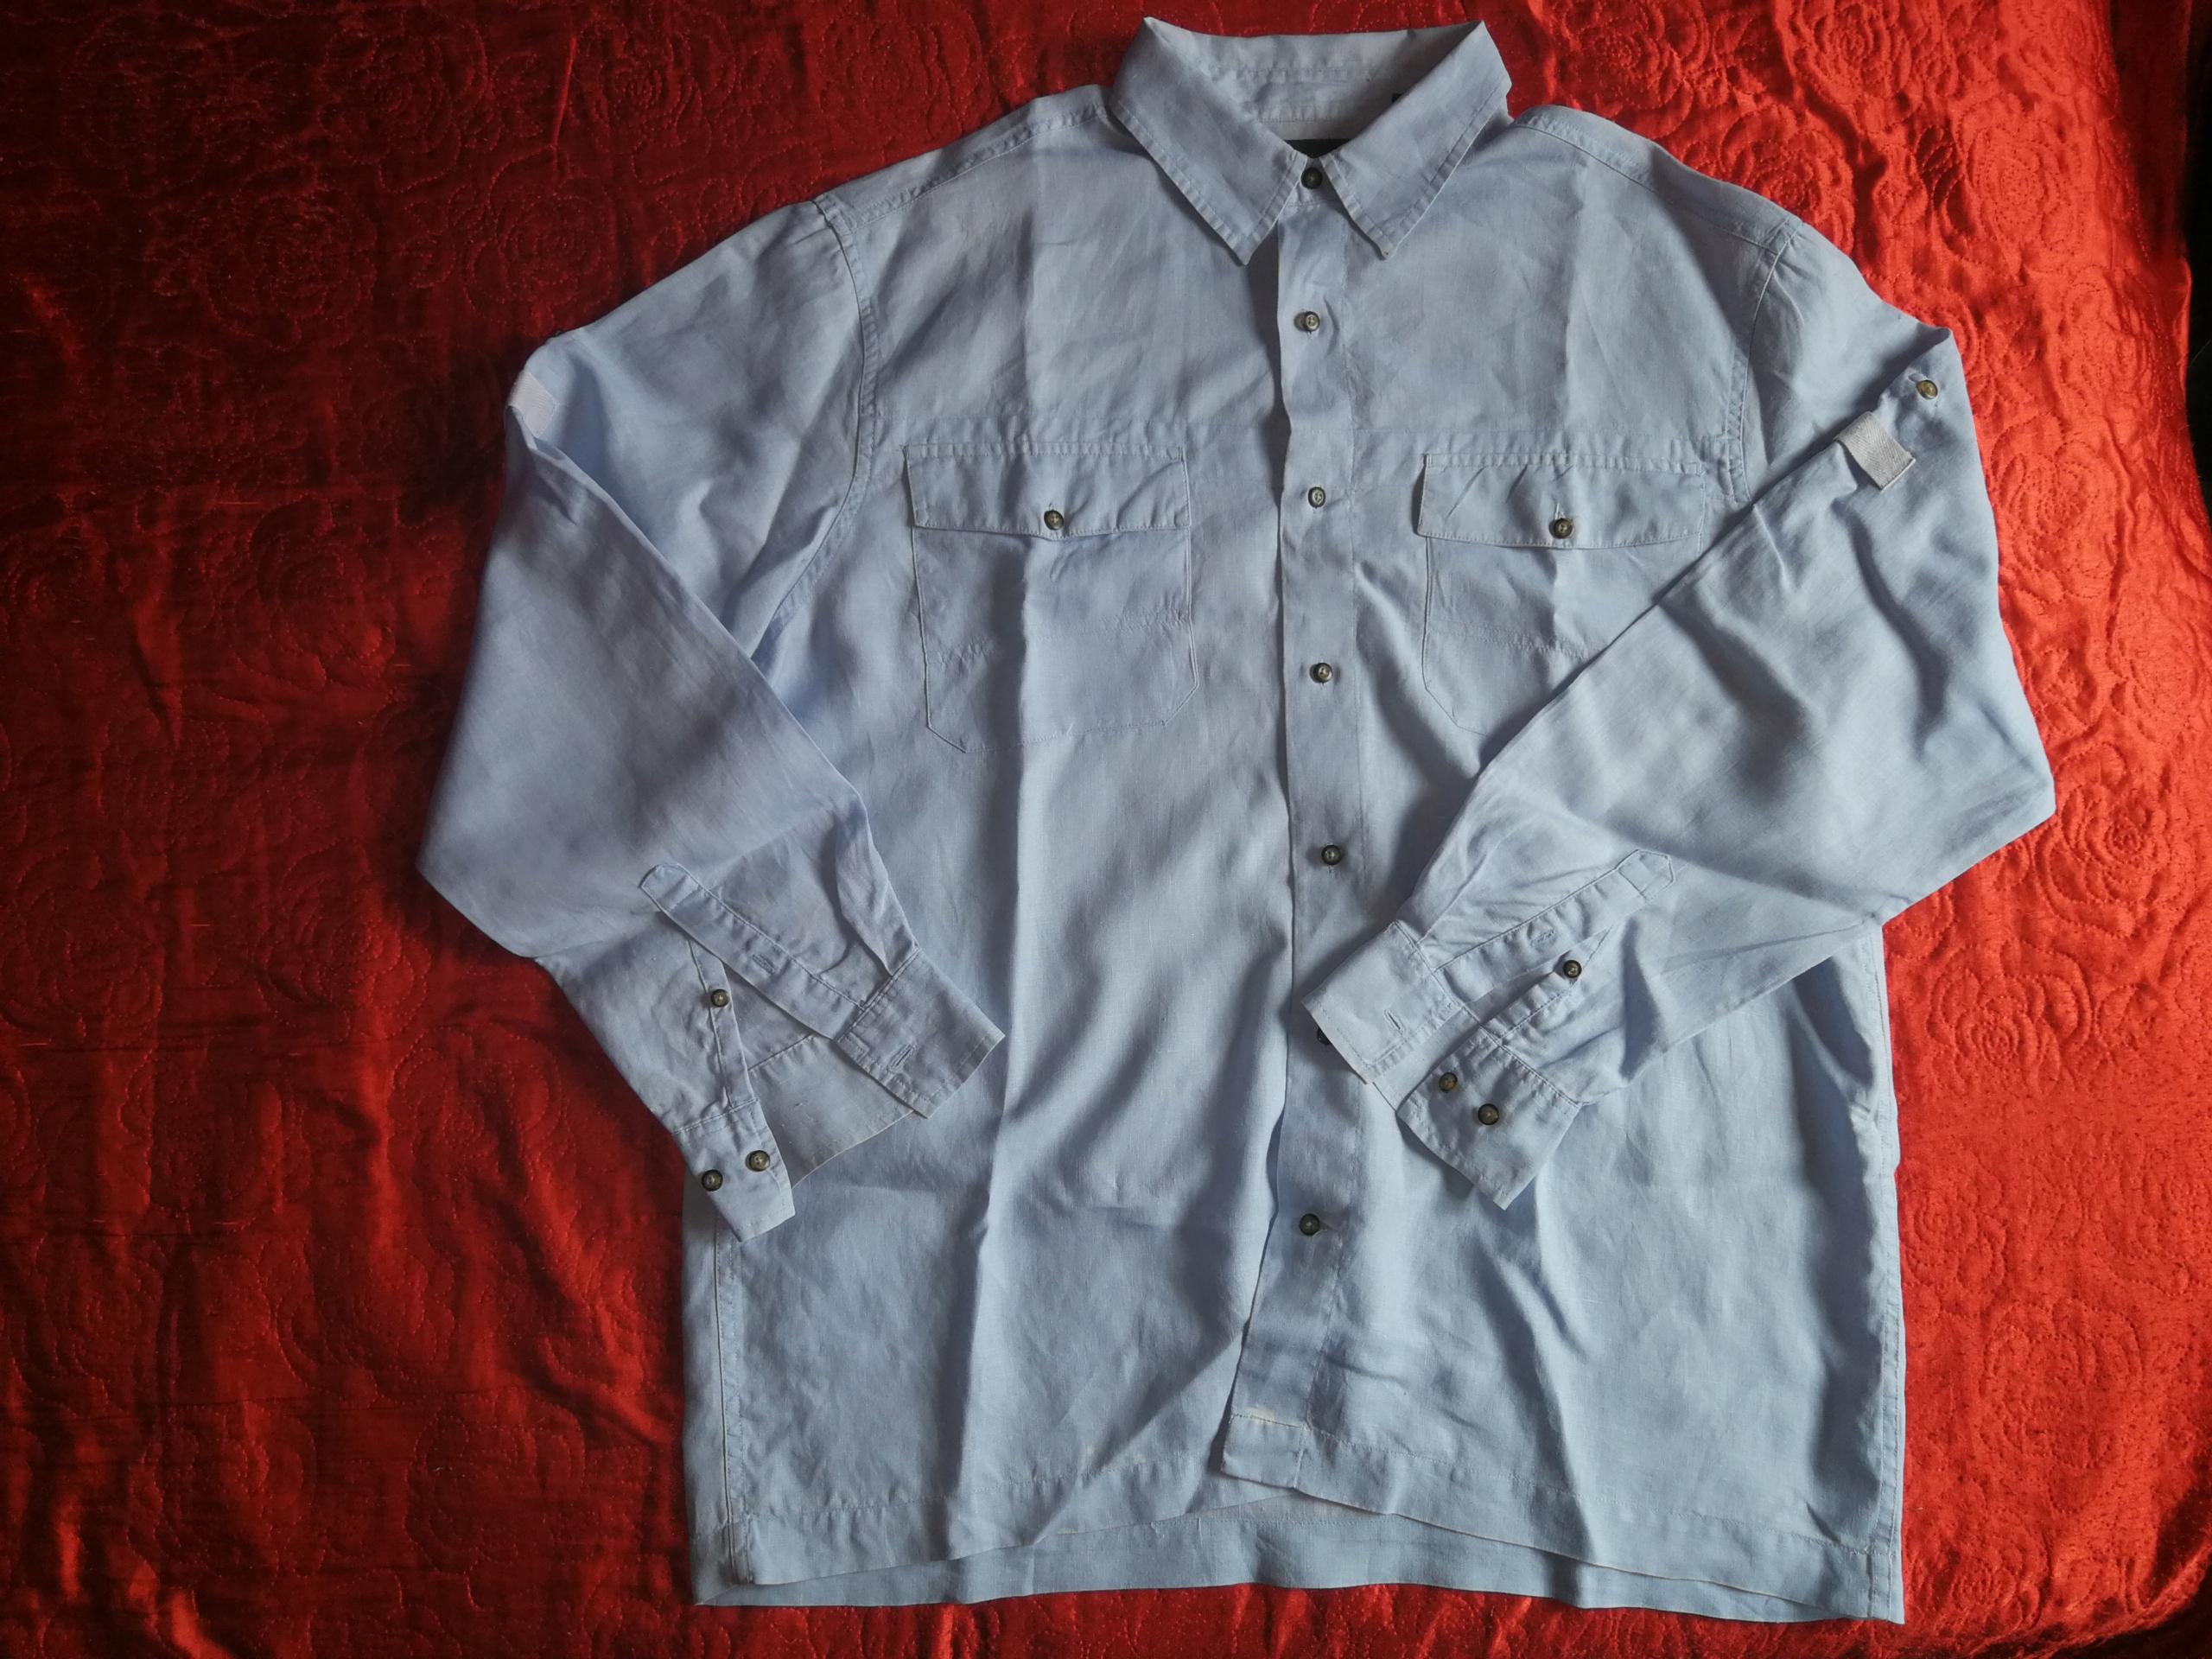 TIMBERLAND, niebieska, bawełna, XXL - obw. 138 cm